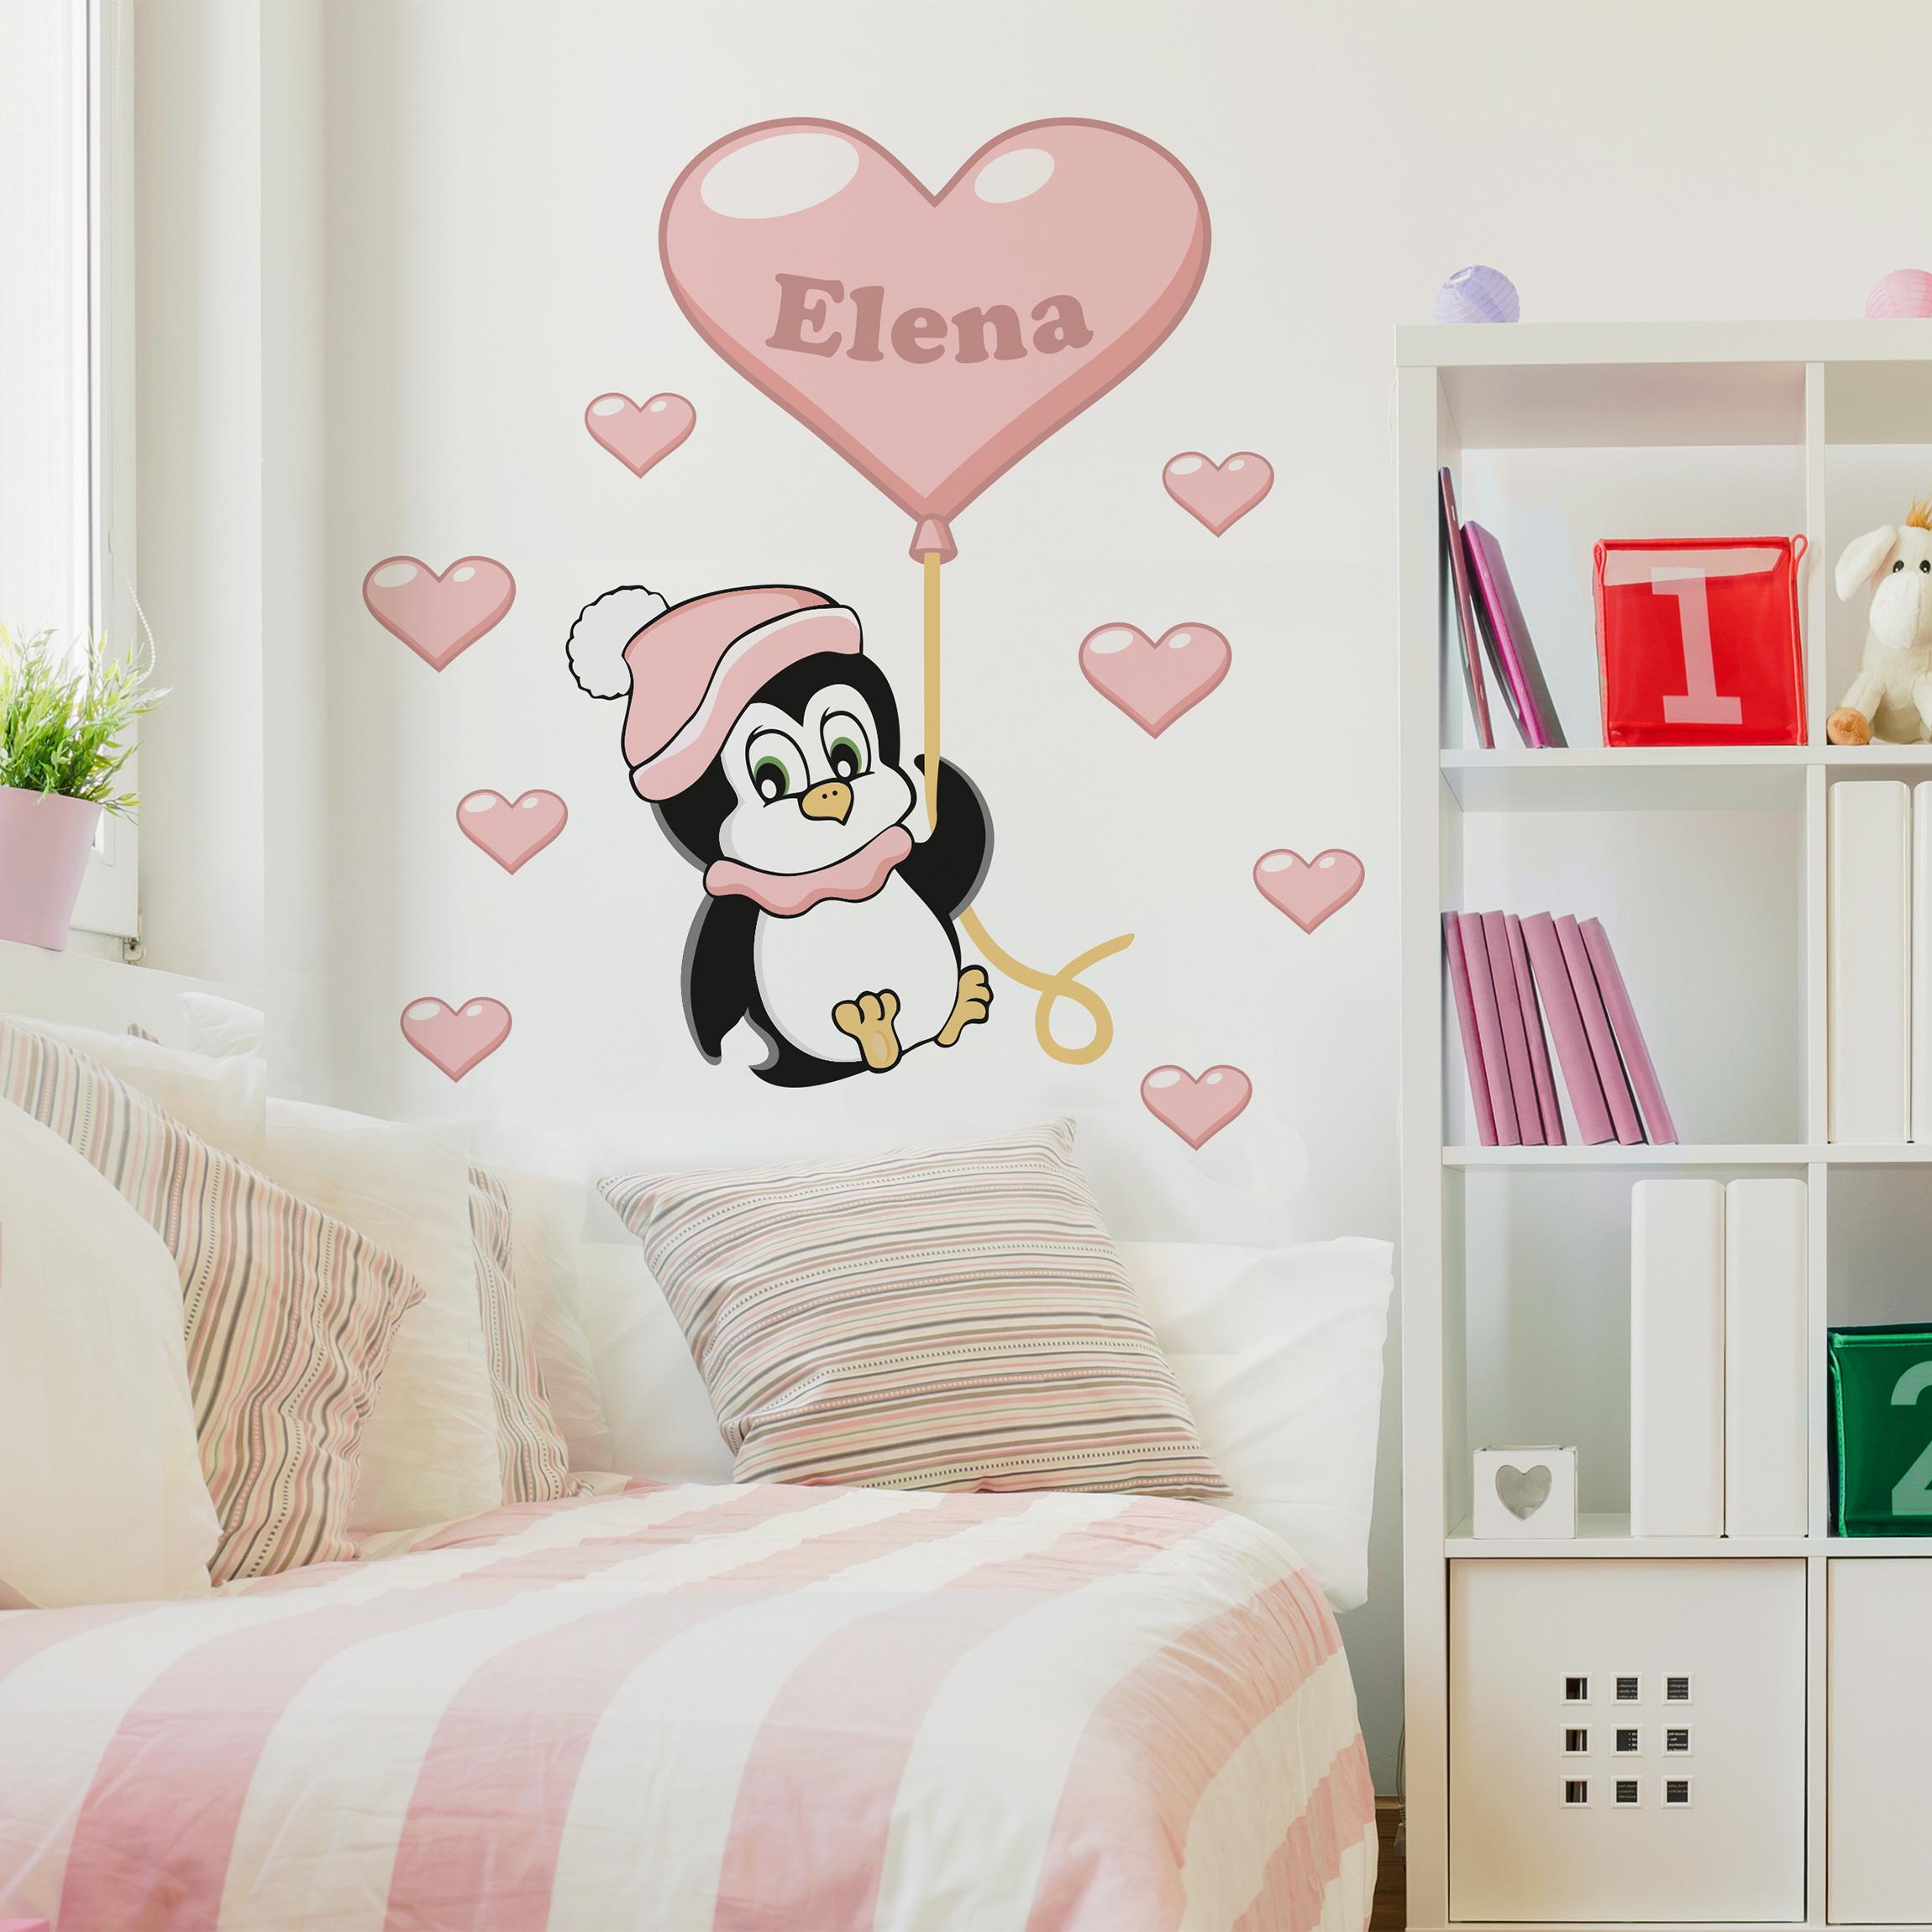 Kinderzimmer Wandtattoo | Kinderzimmer Wandtattoo Mit Wunschtext Pinguin Madchen Mit Wunschname